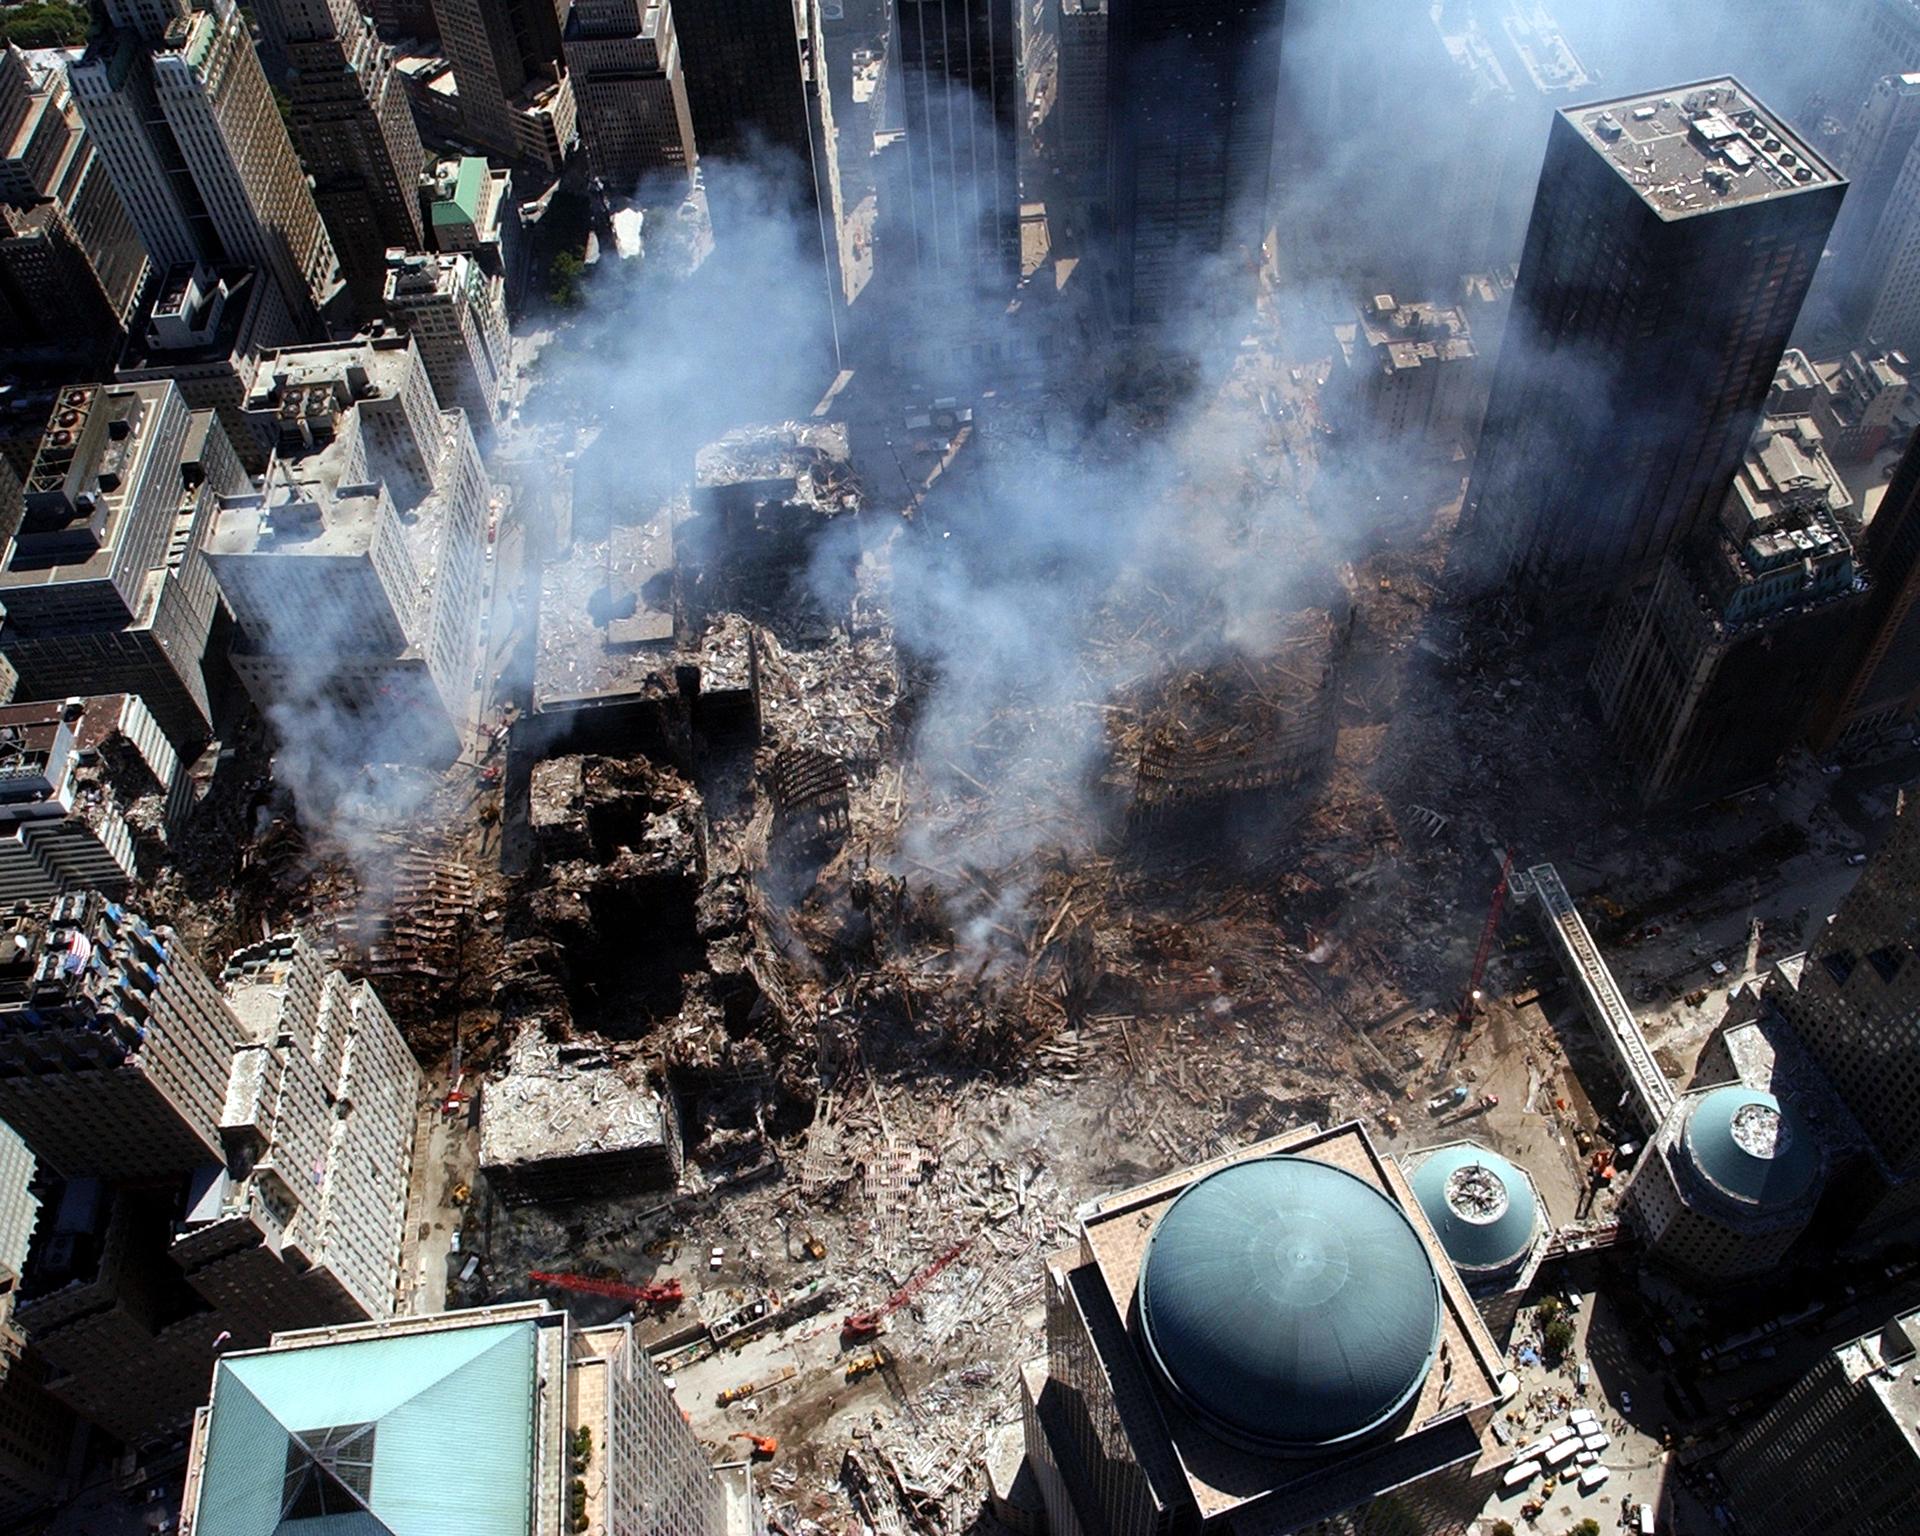 Kolorowe zdjęcie zgóry, przedstawia puste miejsce po ataku na wieże WTC. Miejsce znajduje się wcentrum Nowego Jorku. Wokół miejsca gdzie stały 2 wieże znajdują się budynki. Niektóre częściowo nadpalone izniszczone. Miejsce jest puste miejsce pokryte gruzem, wygiętymi metalowymi resztkami budynku. Nad zwałami gruzu unosi się biały przeźroczysty dym.